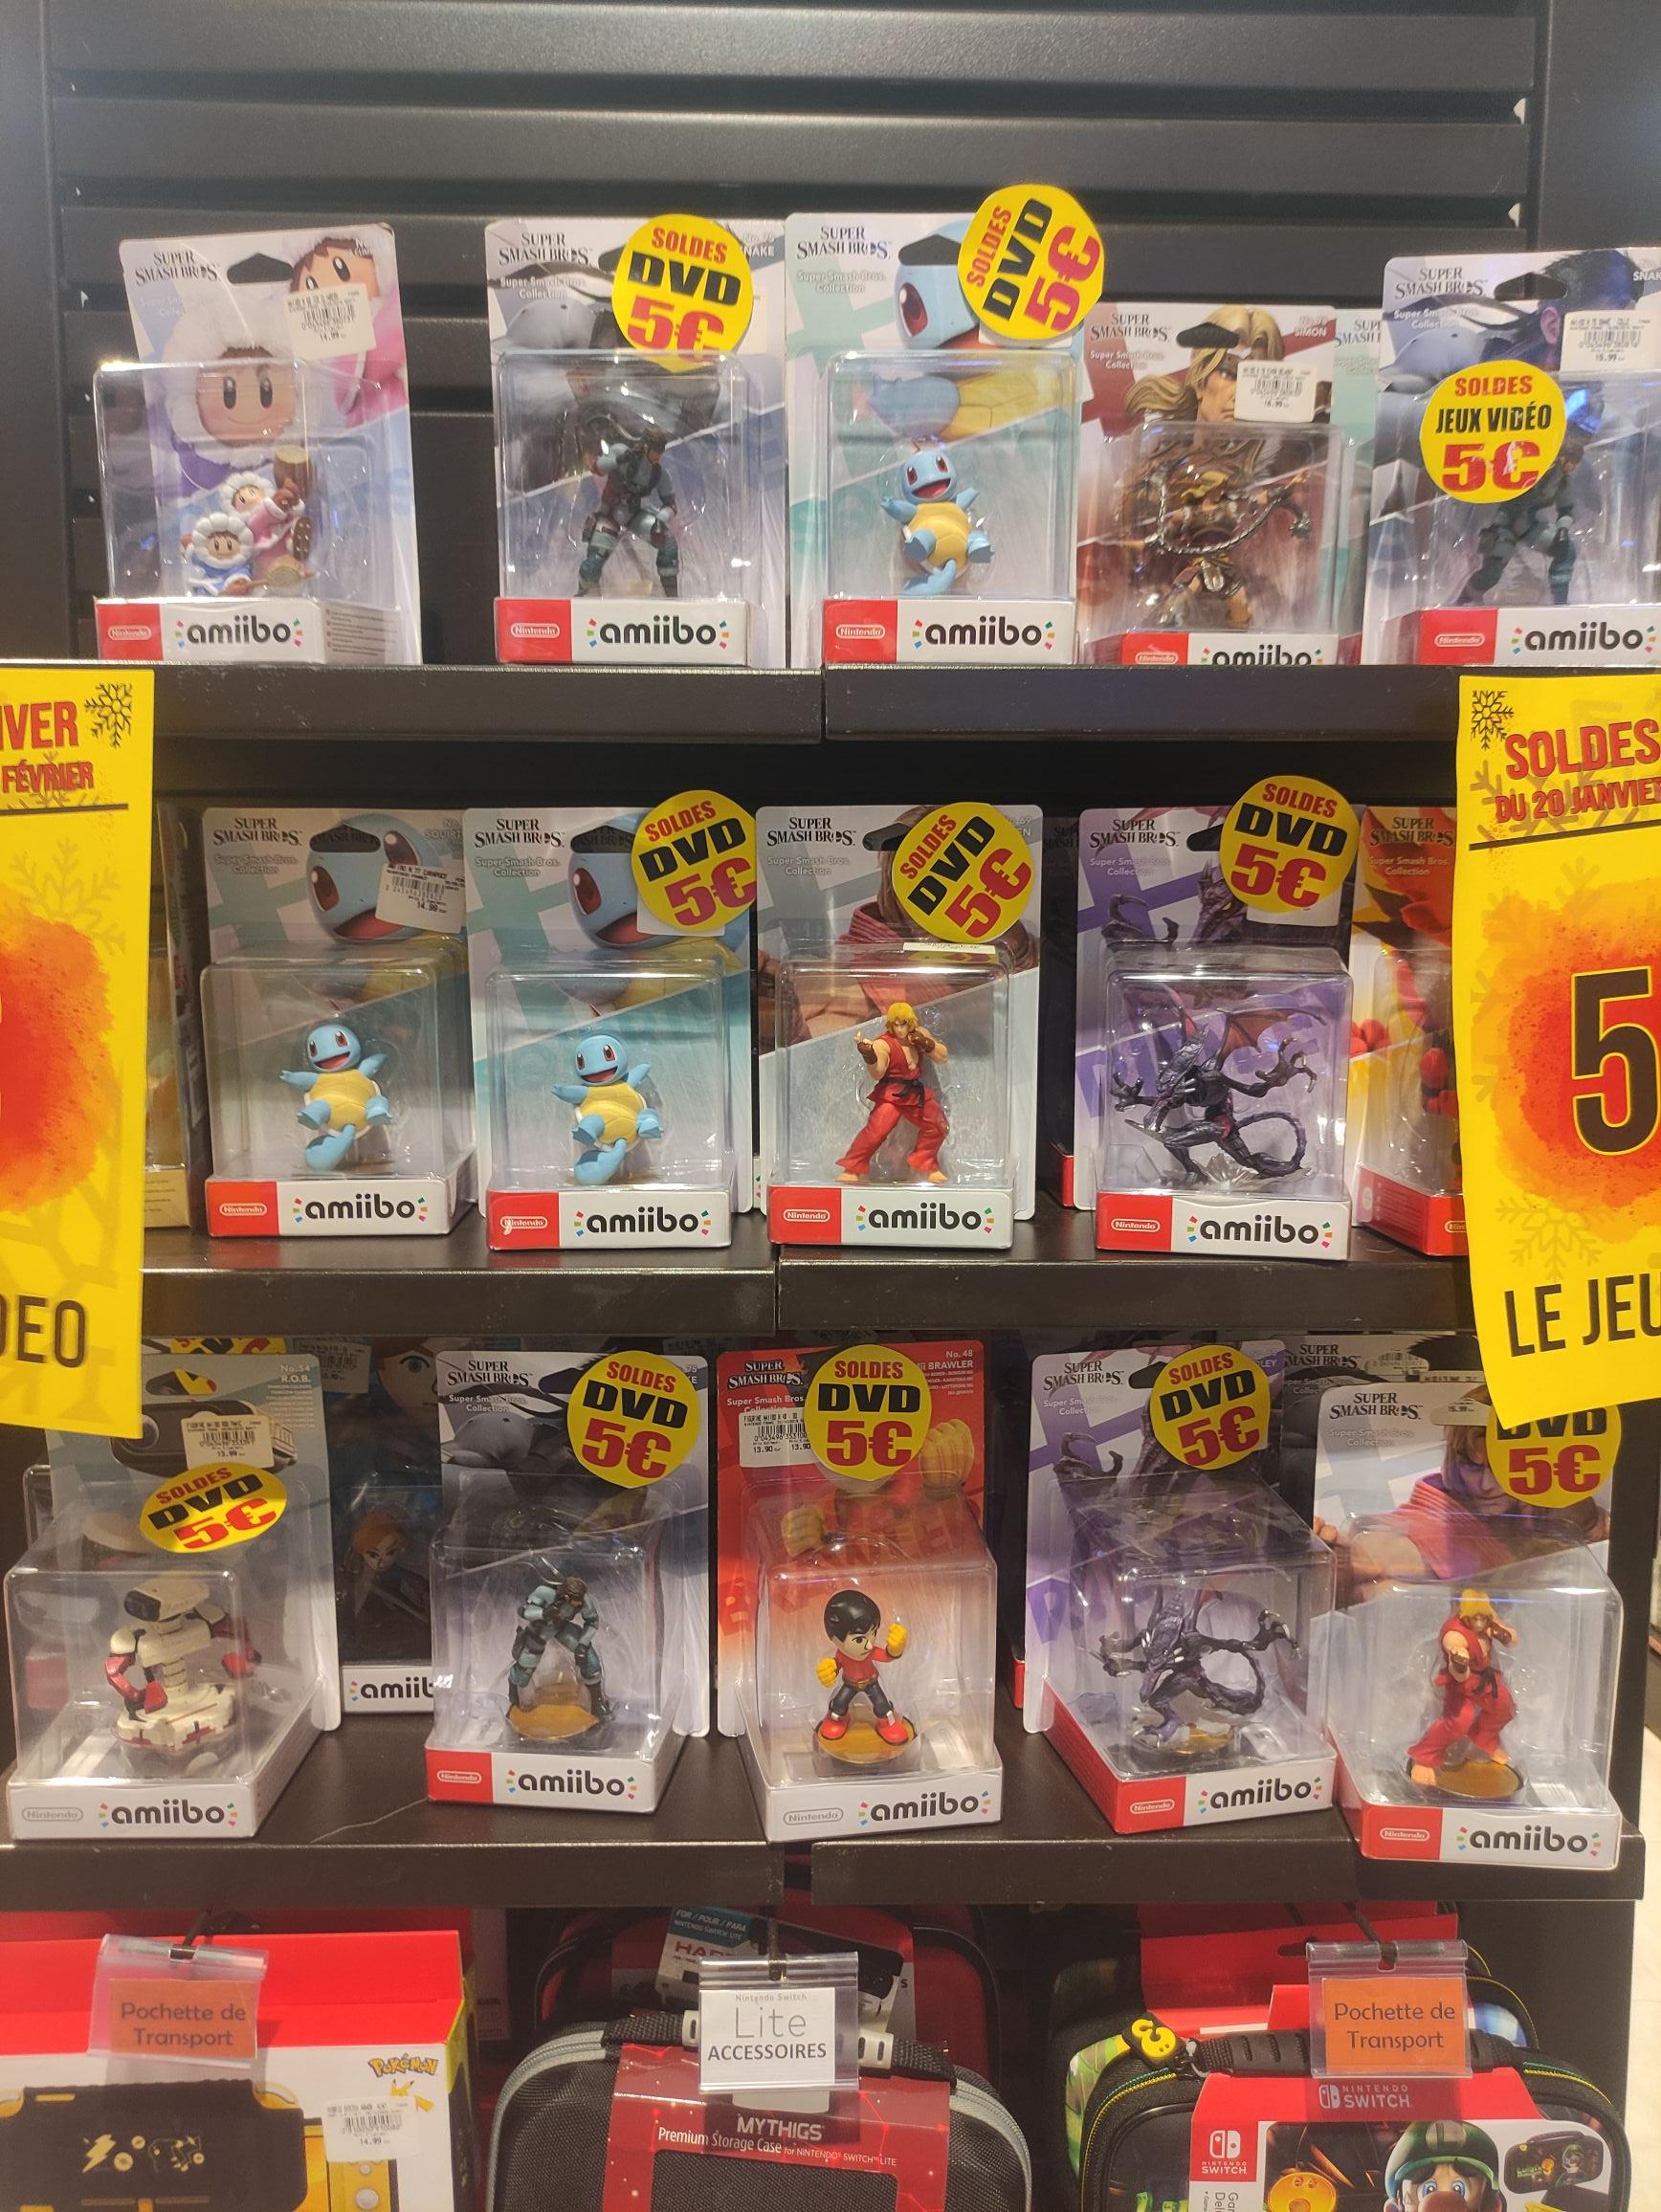 Sélection de figurines Amiibo à 5€ - Saint-Louis (68)